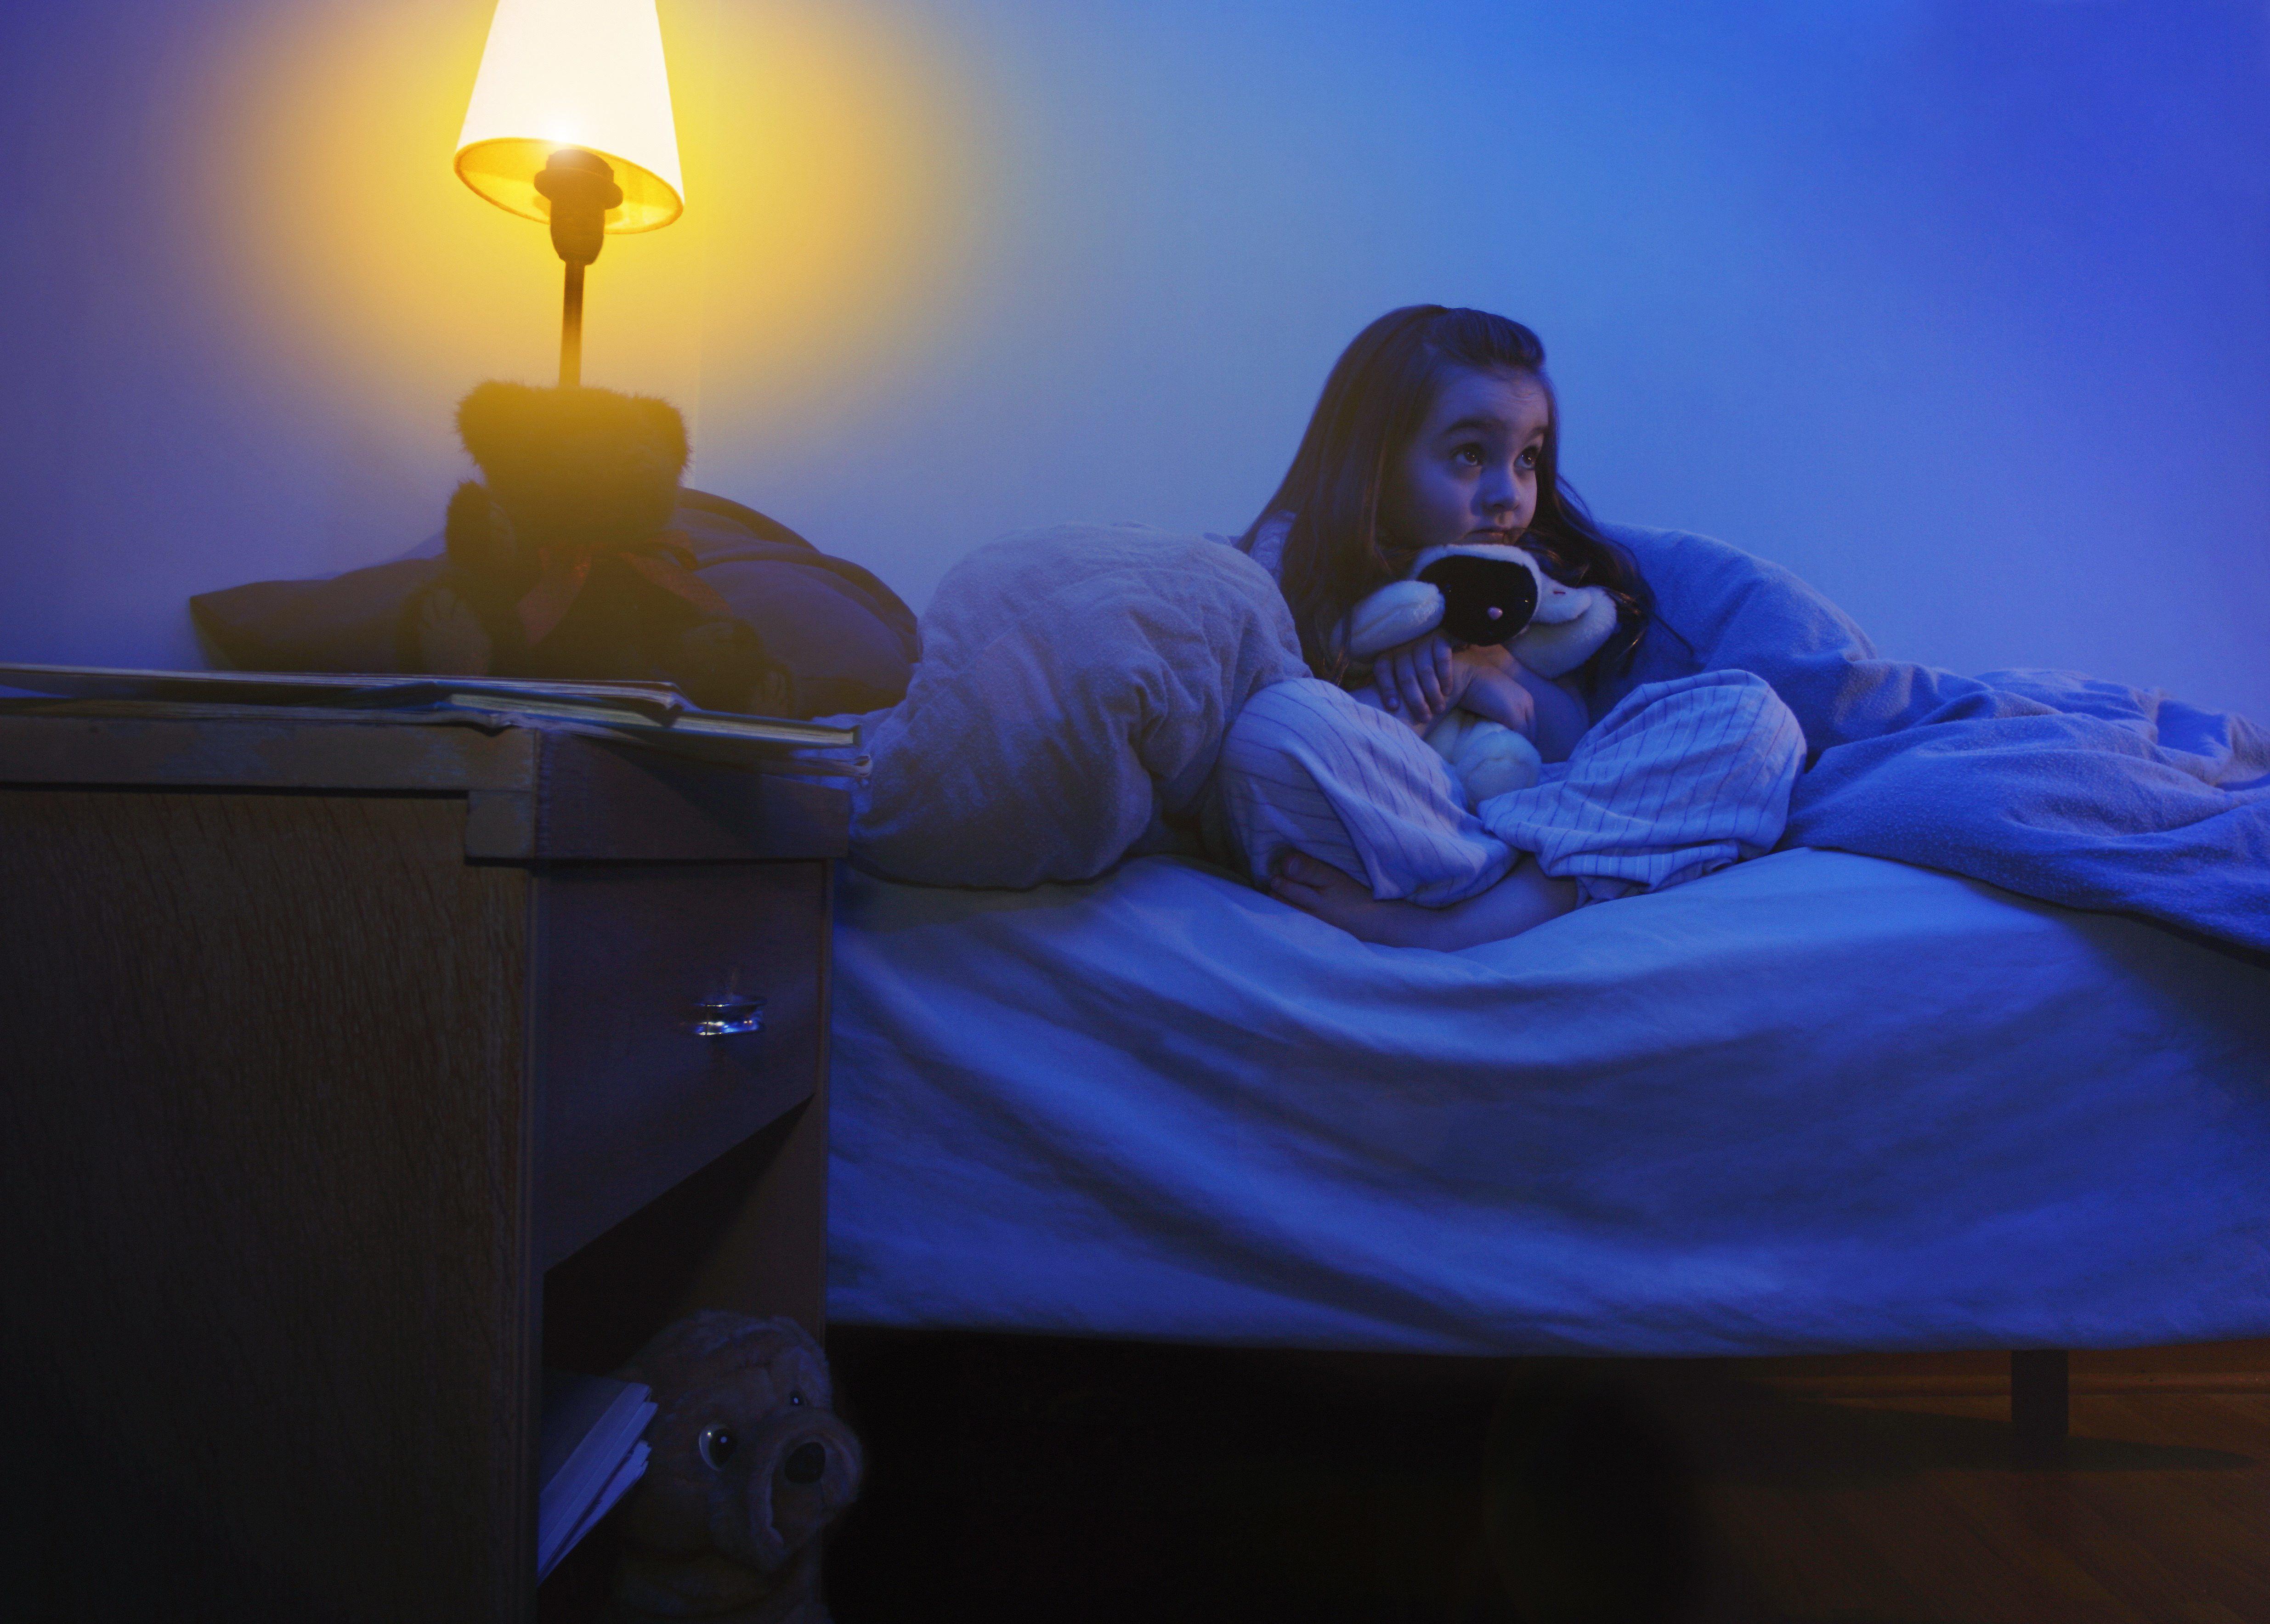 A veces una luz nocturna puede ayudar a quitarle el miedo a los niños. (Foto Prensa Libre: Design Pics/dpa-tmn)